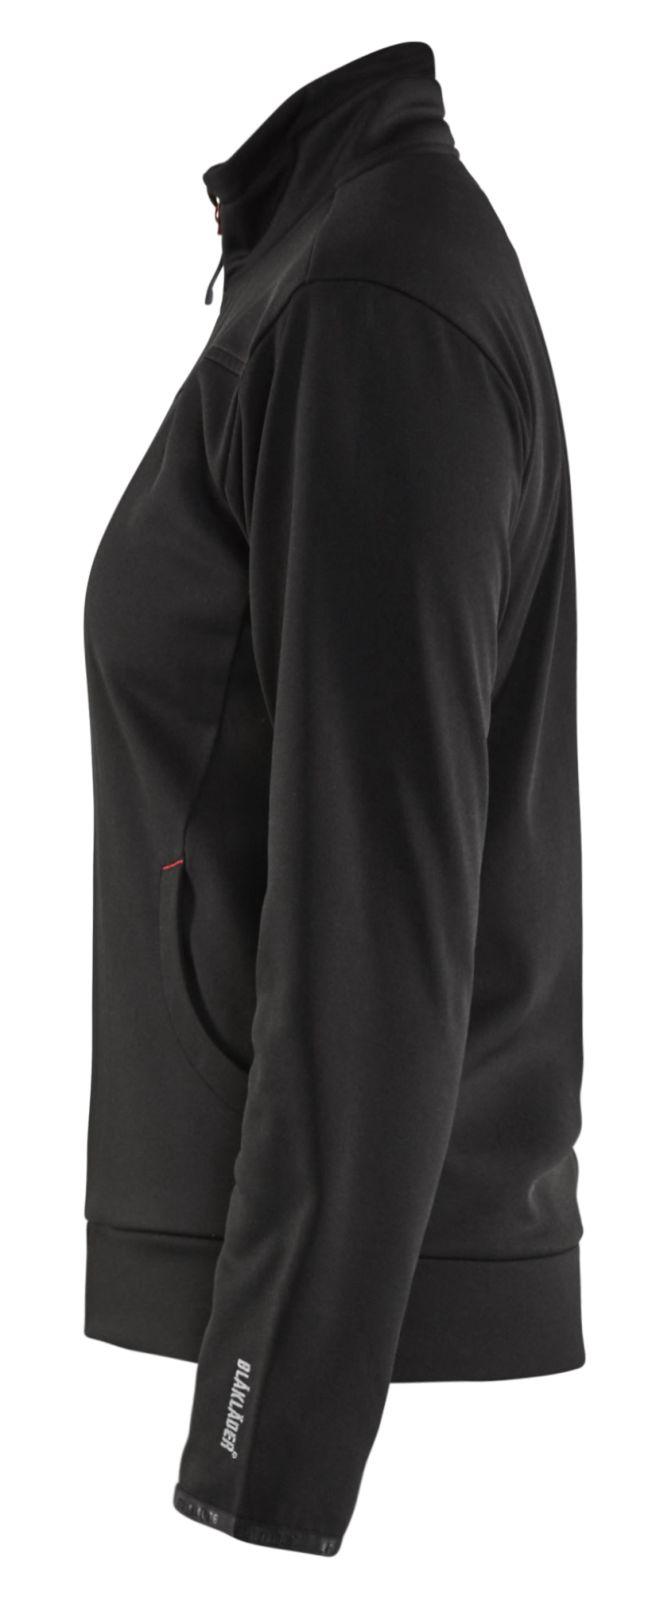 Blaklader Dames sweatvesten 33942526 zwart-rood(9956)